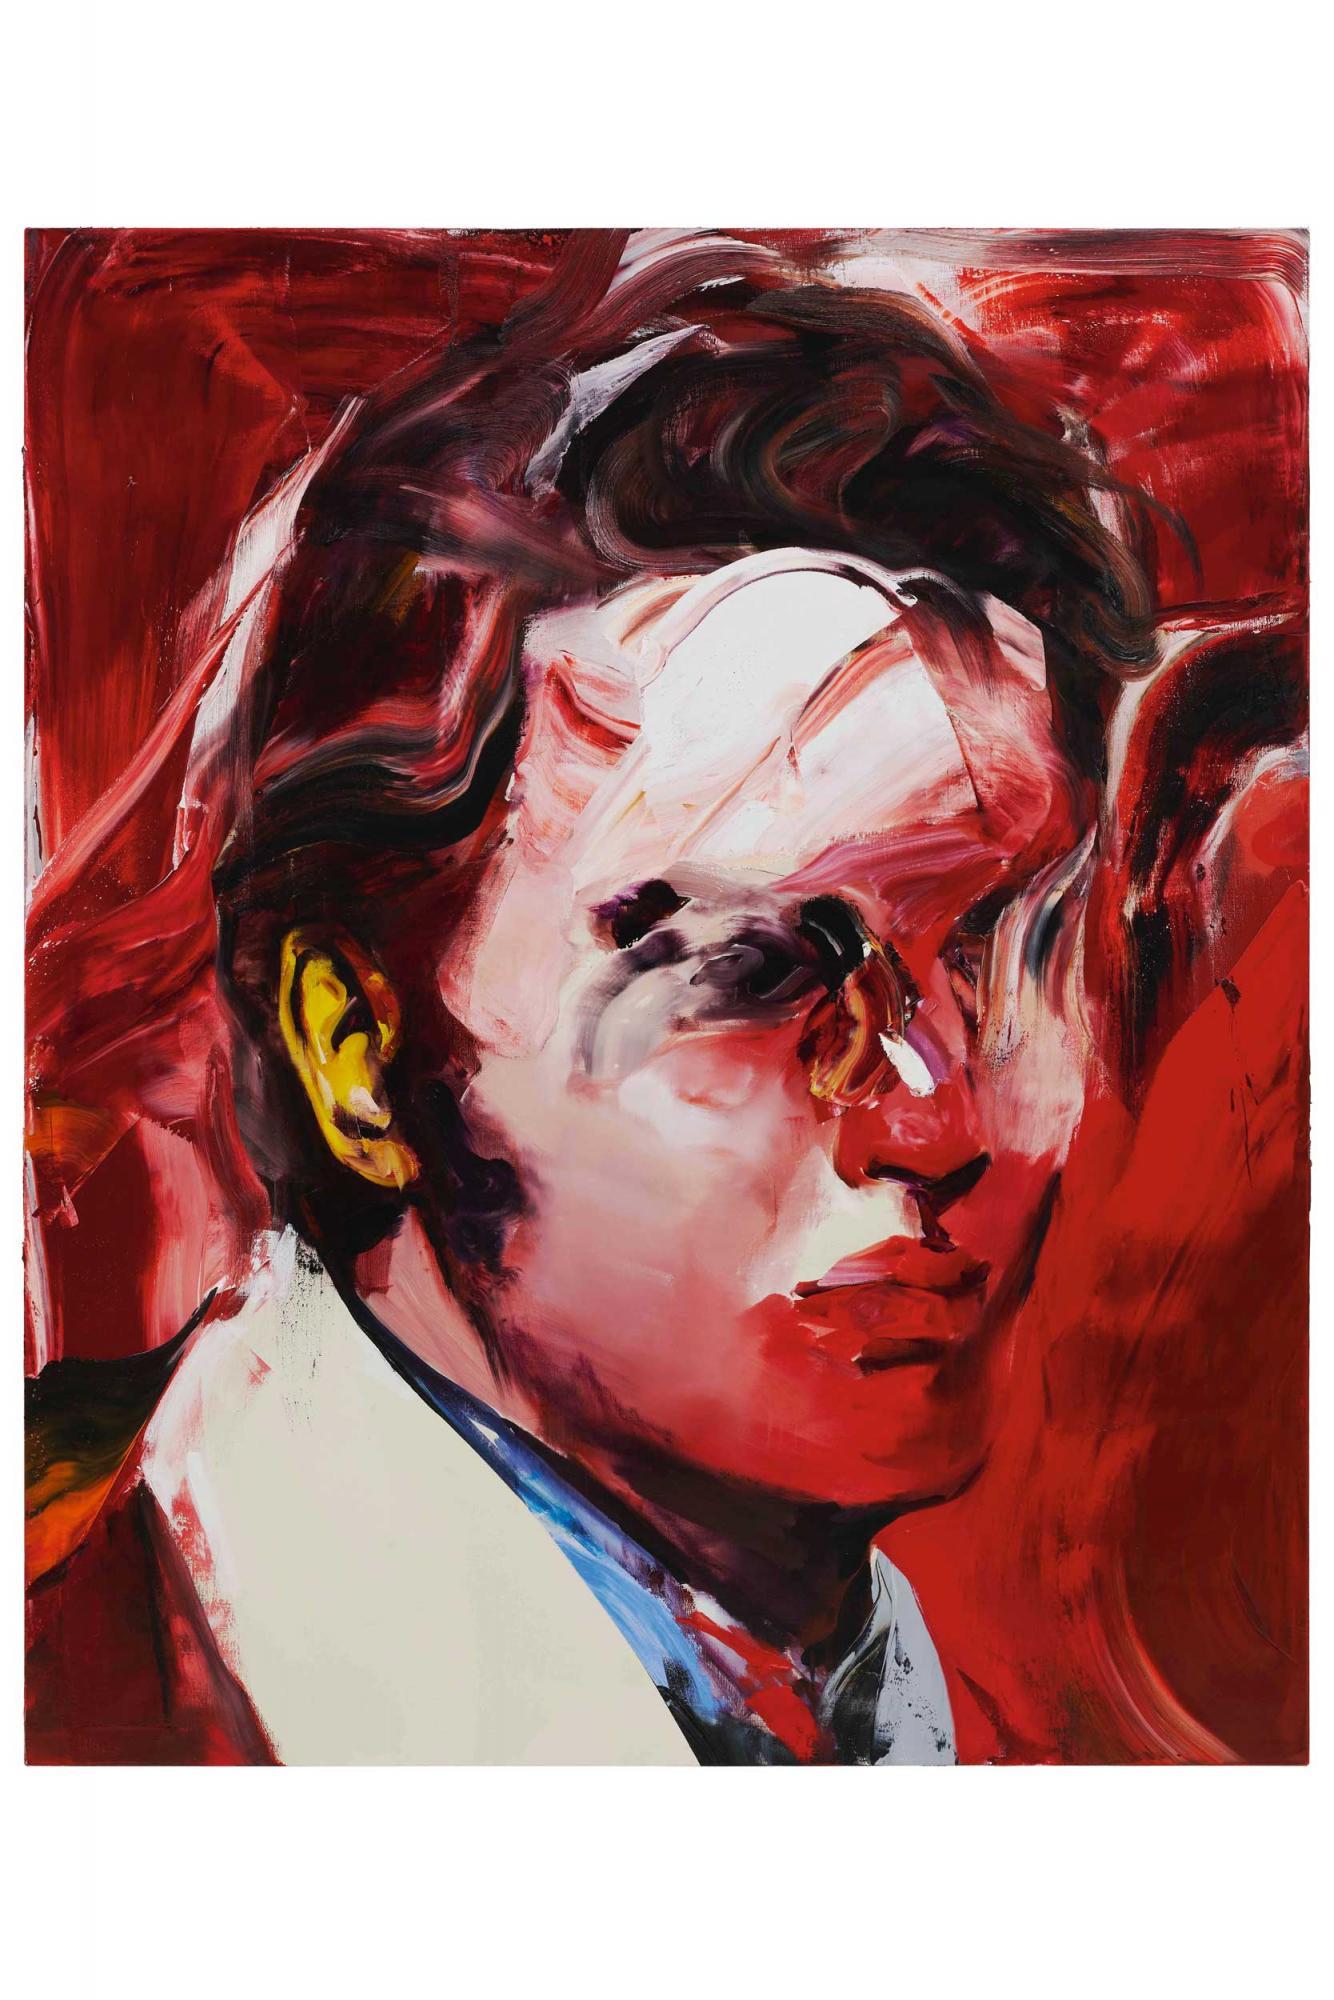 井田幸昌 《搖滾之王》 2021年作,油畫畫布, 194 x 162 公分 估價:500,000 - 800,000港元